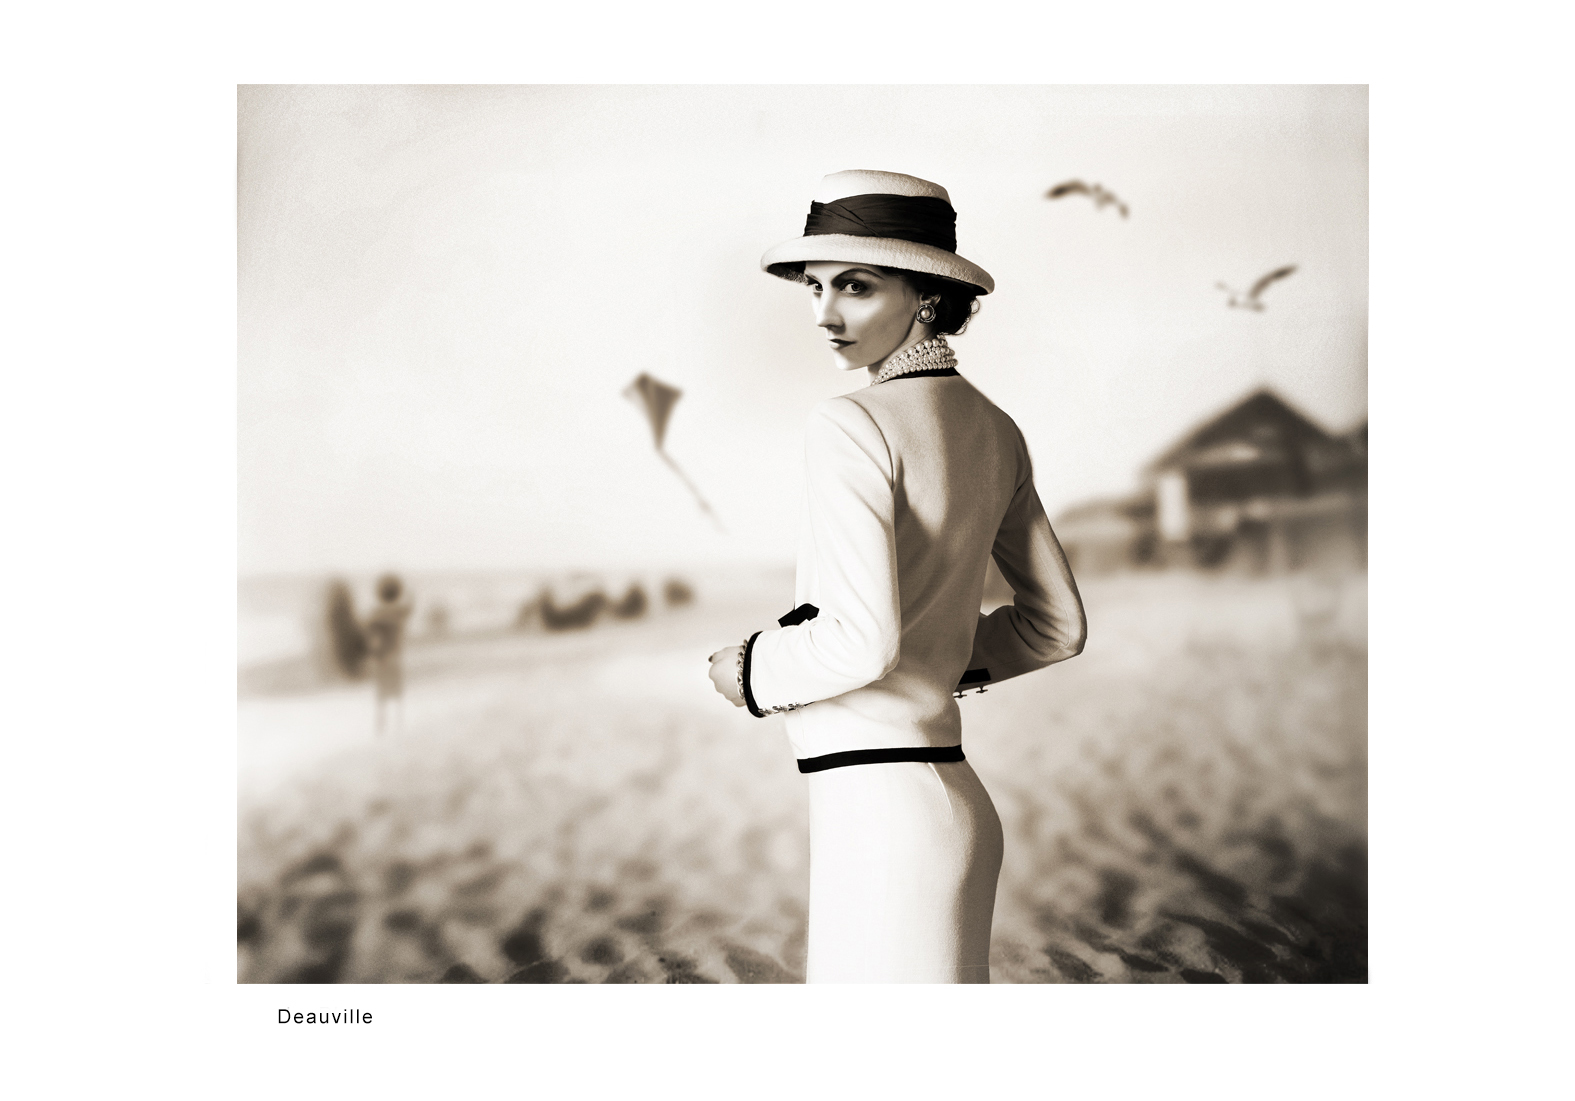 Deauville - Coco Chanel